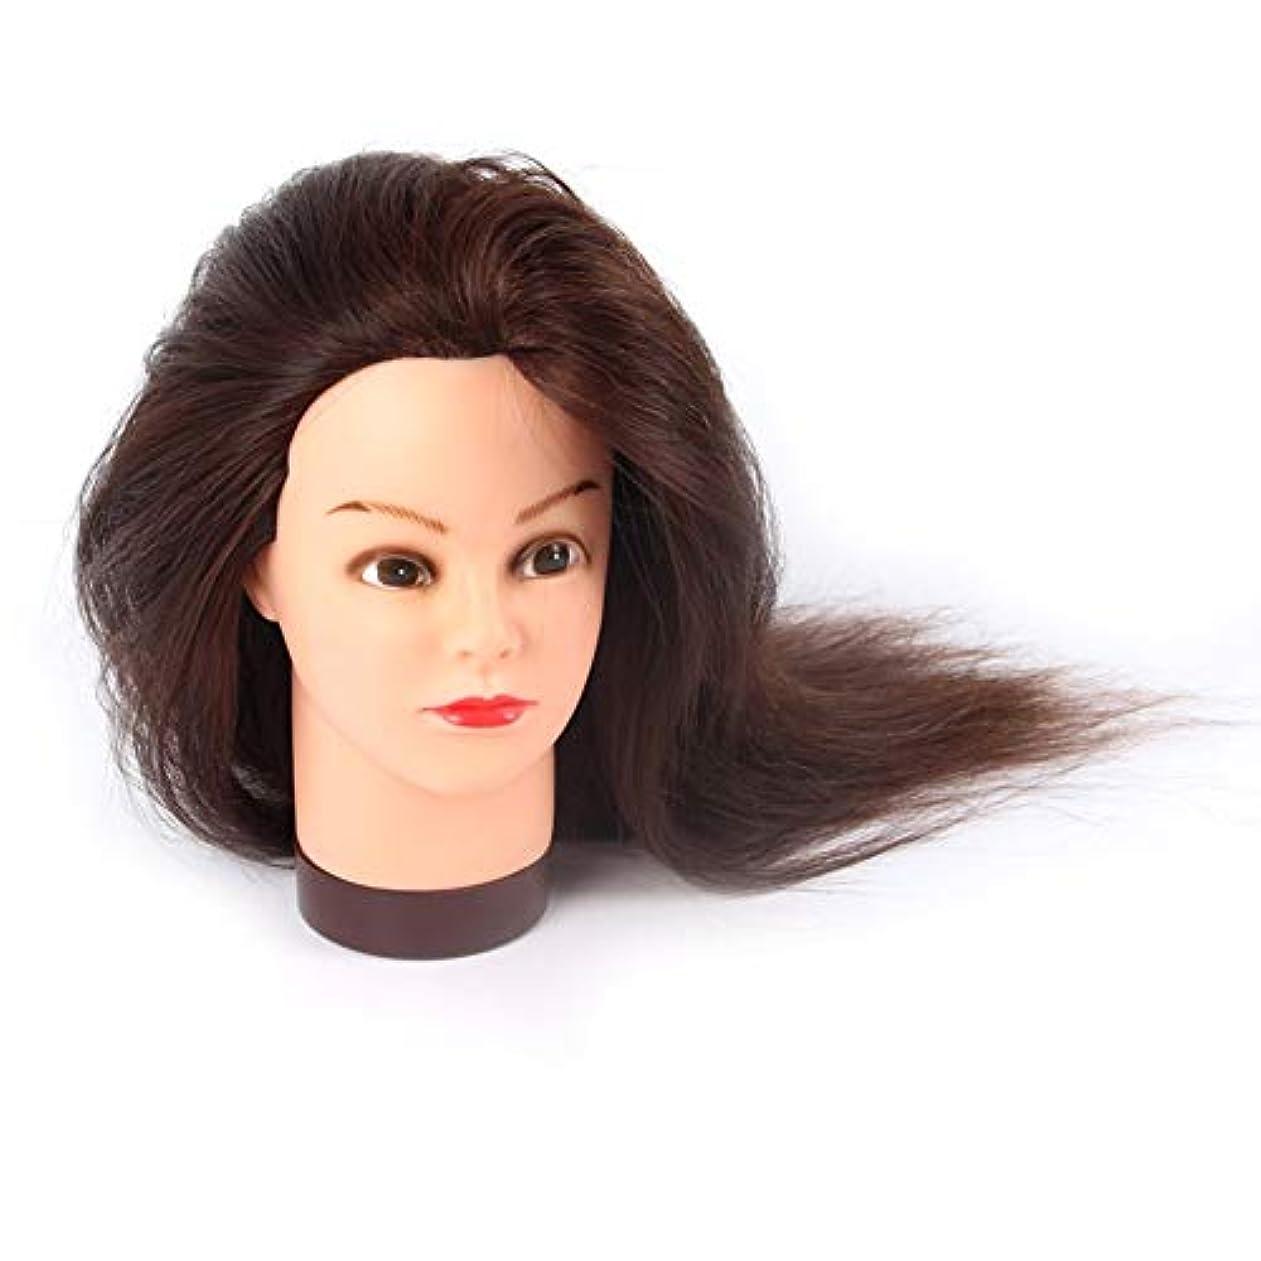 カウボーイ低い伝説リアルヘア熱いロール指導ヘッド理髪店学習パーマ髪染めダミーヘッド花嫁メイクモデリングマネキンヘッド